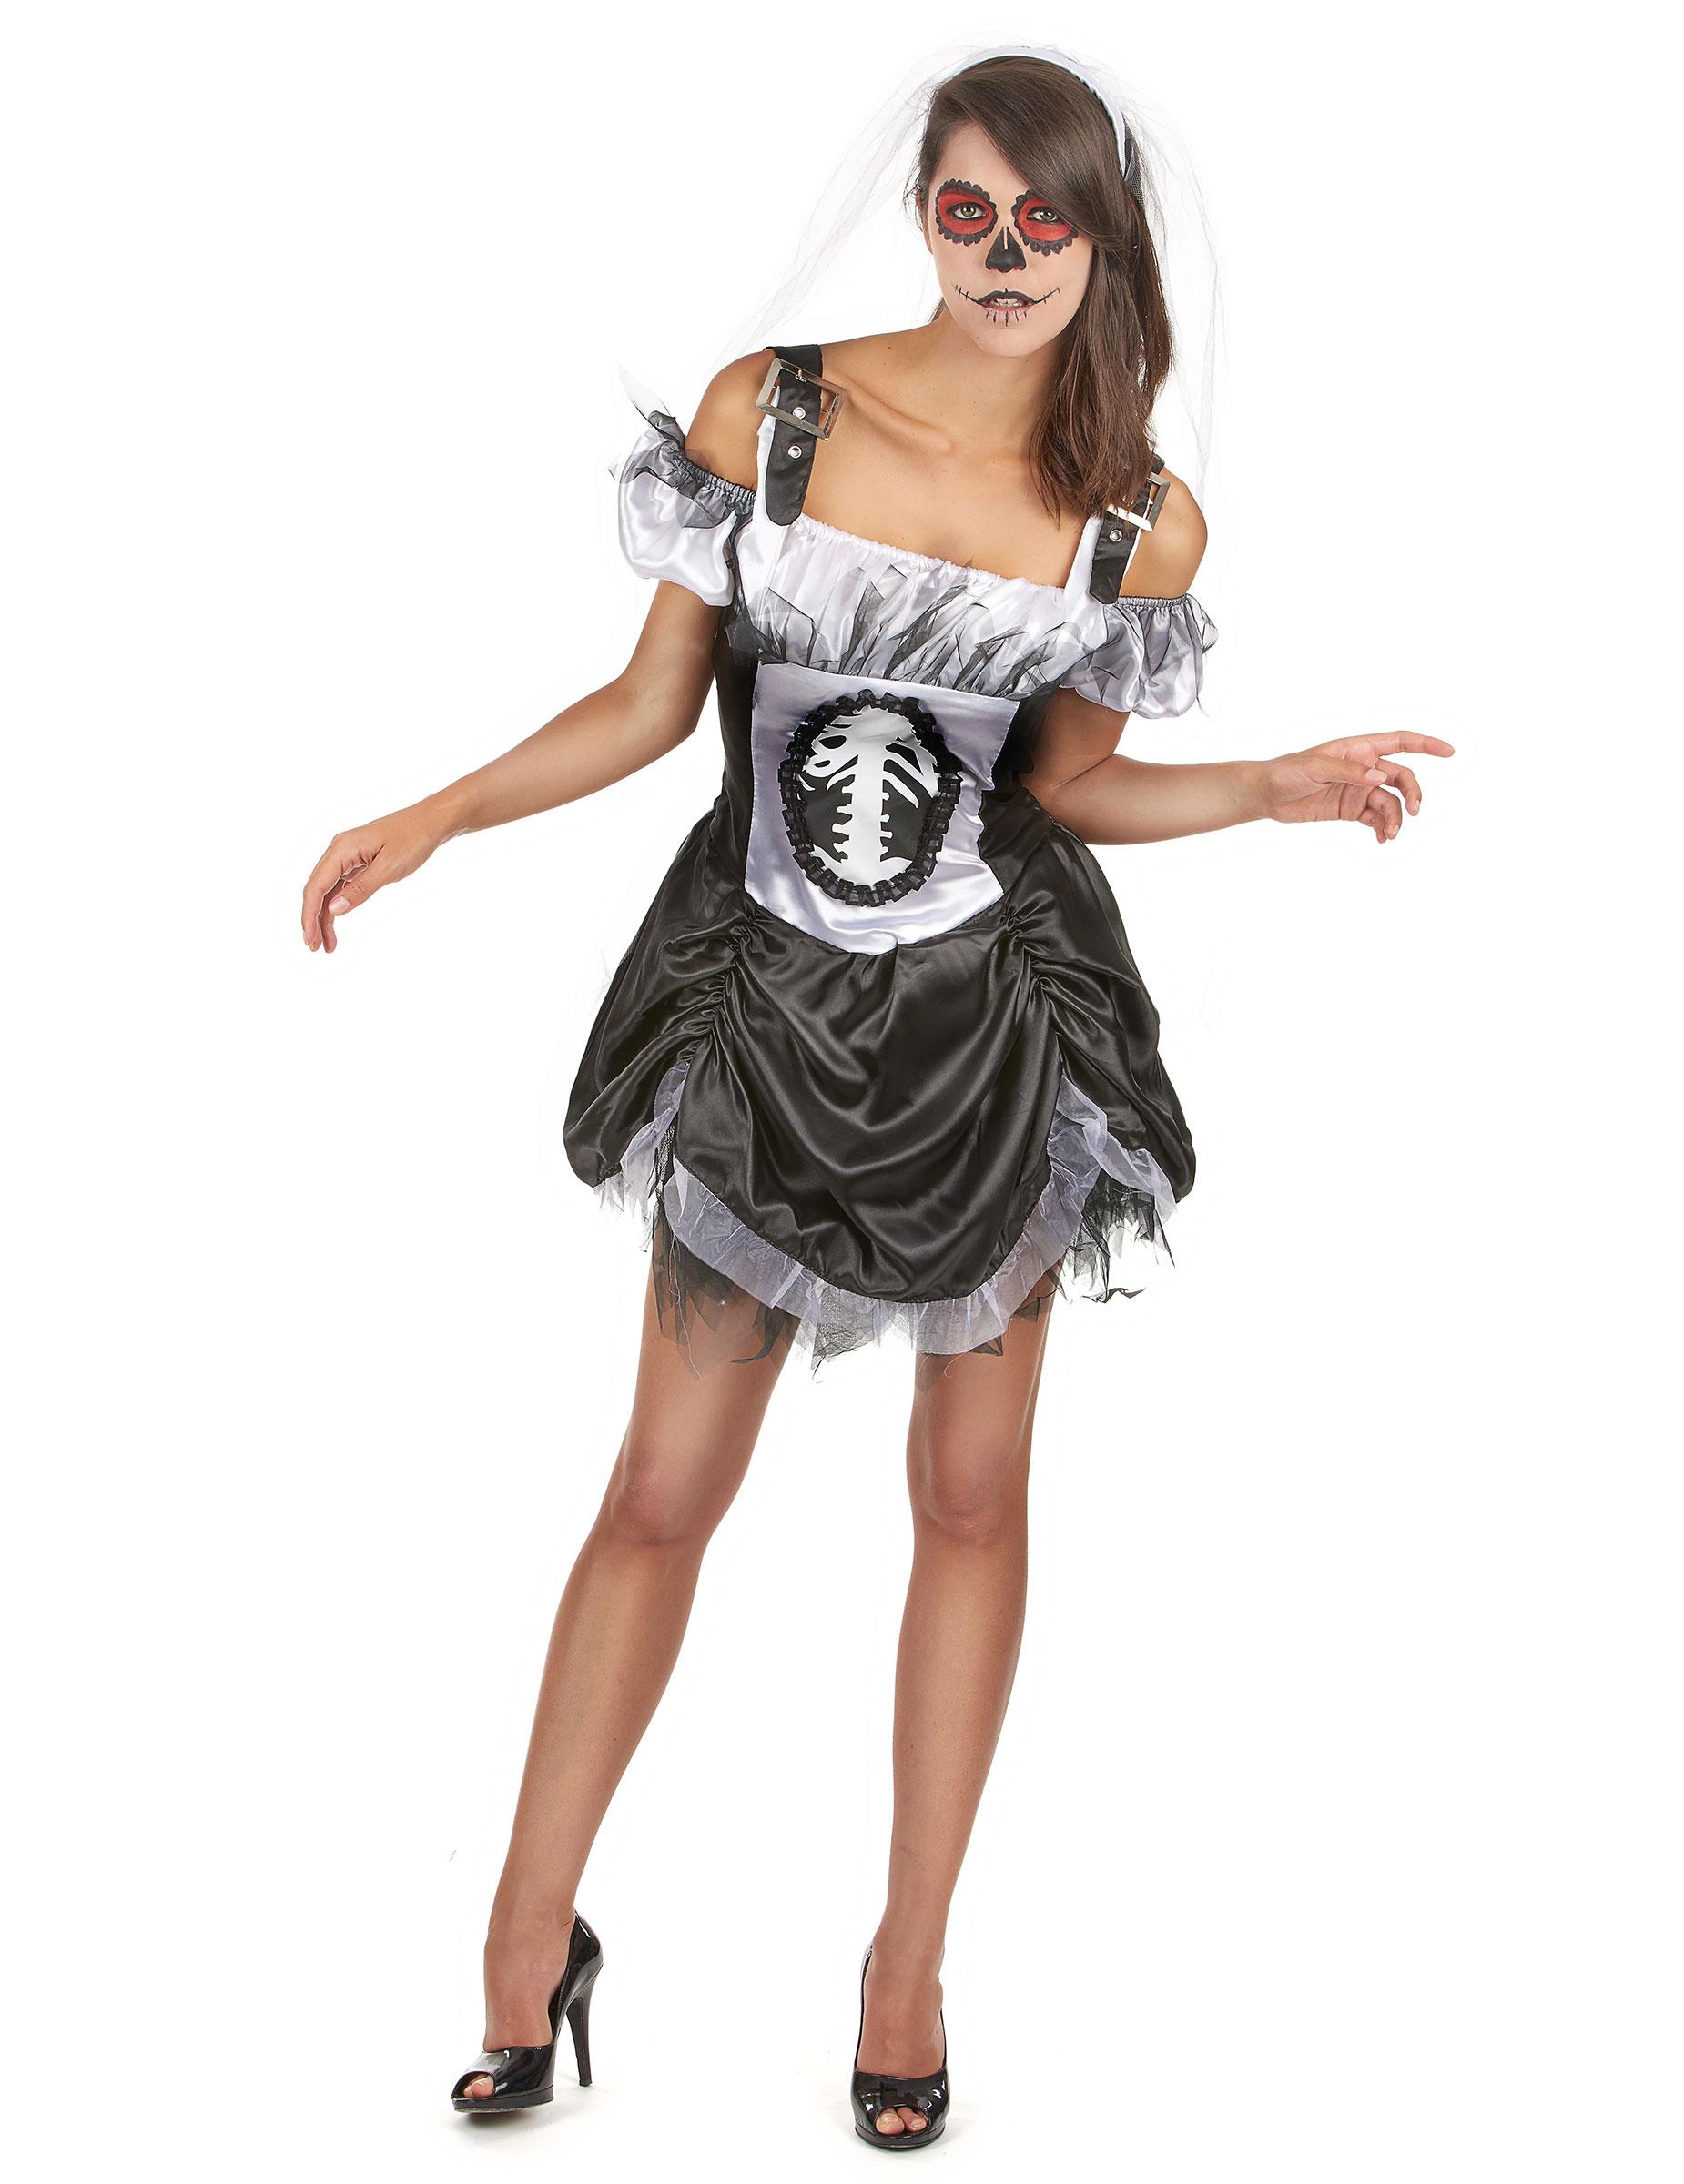 Halloween Kostueme Yatego.Sexy Skelett Kleid Halloween Damenkostum Schwarz Weiss Gunstige Halloween Kostume Bei Horrorklinik